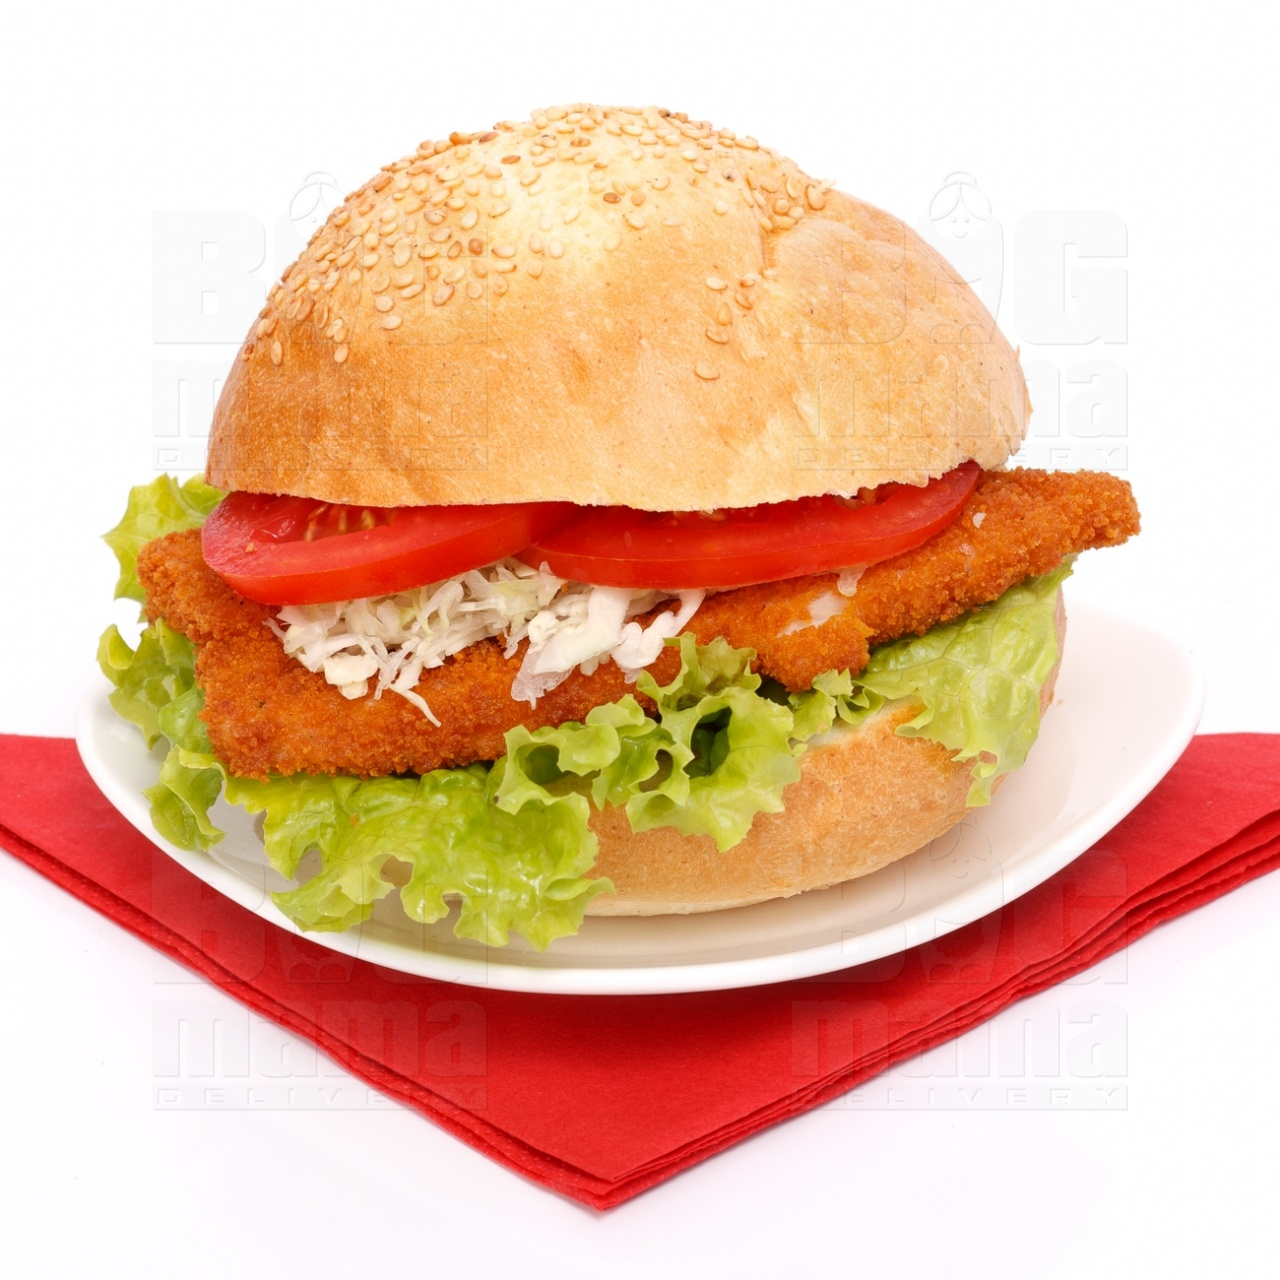 Product #59 image - Sandviş mic cu şniţel de pui